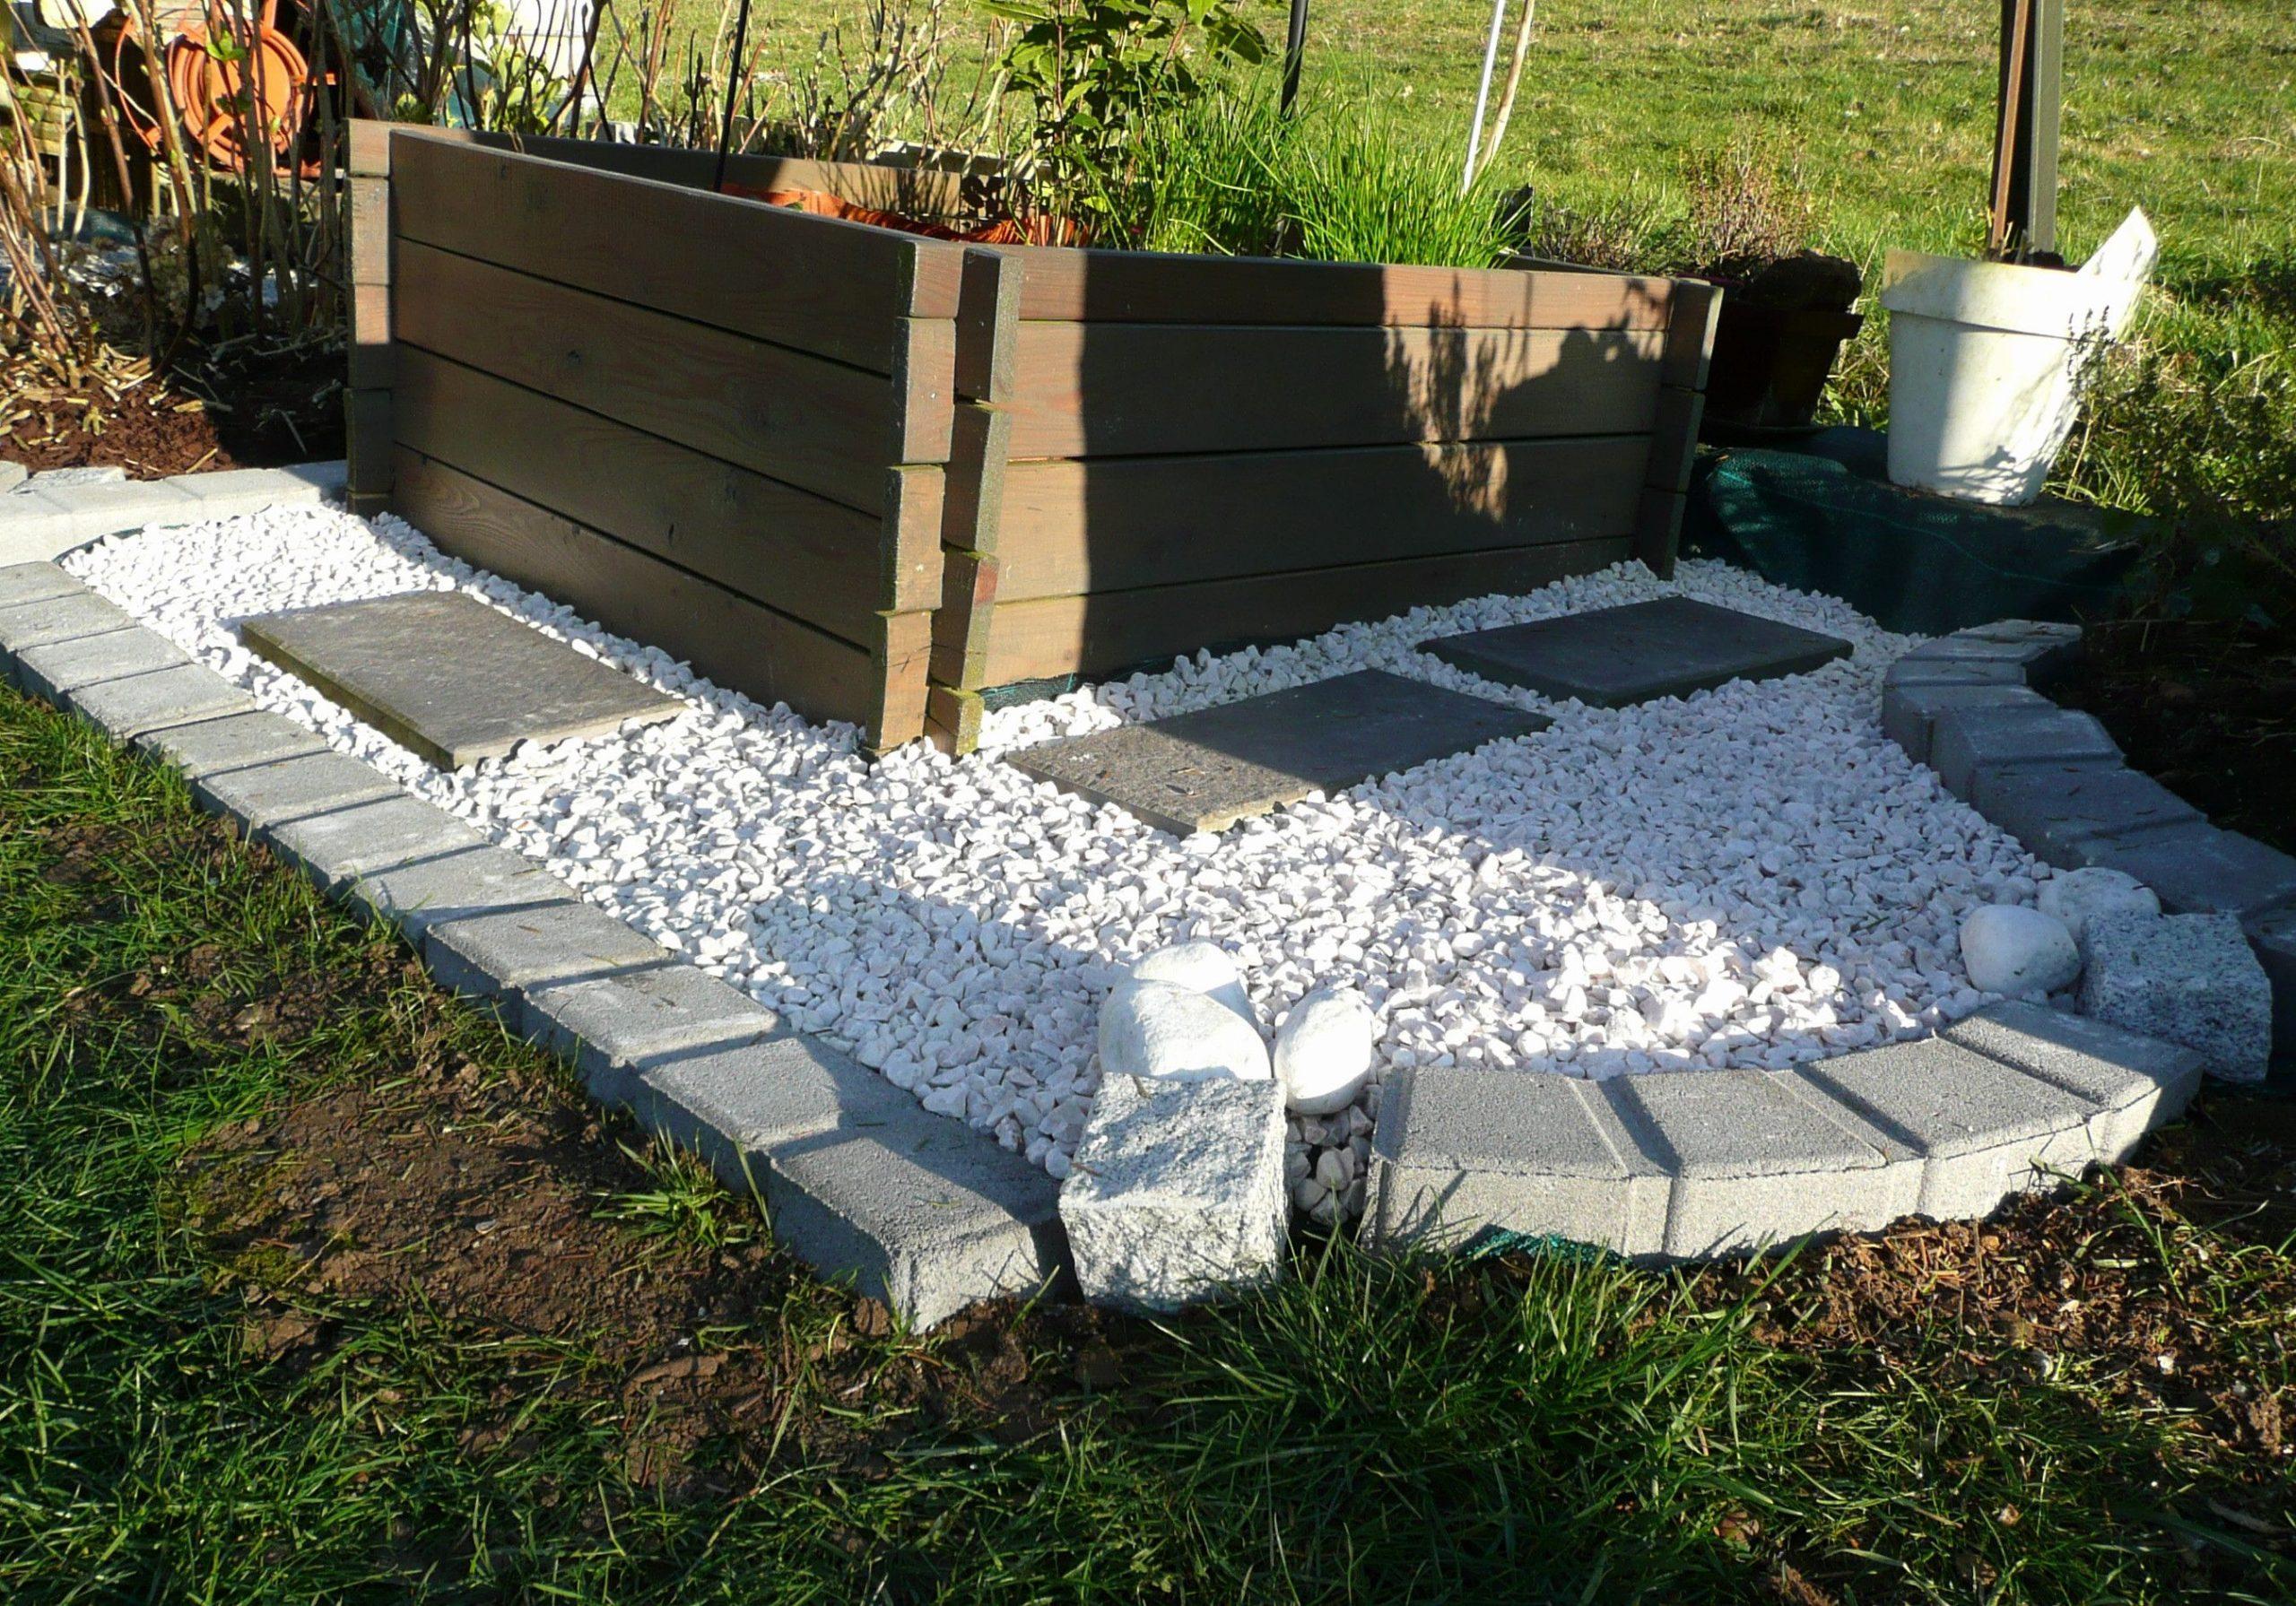 Cailloux Blanc Jardin Fresh Amenagement Jardin Avec Gravier ... serapportantà Cailloux Pour Jardin